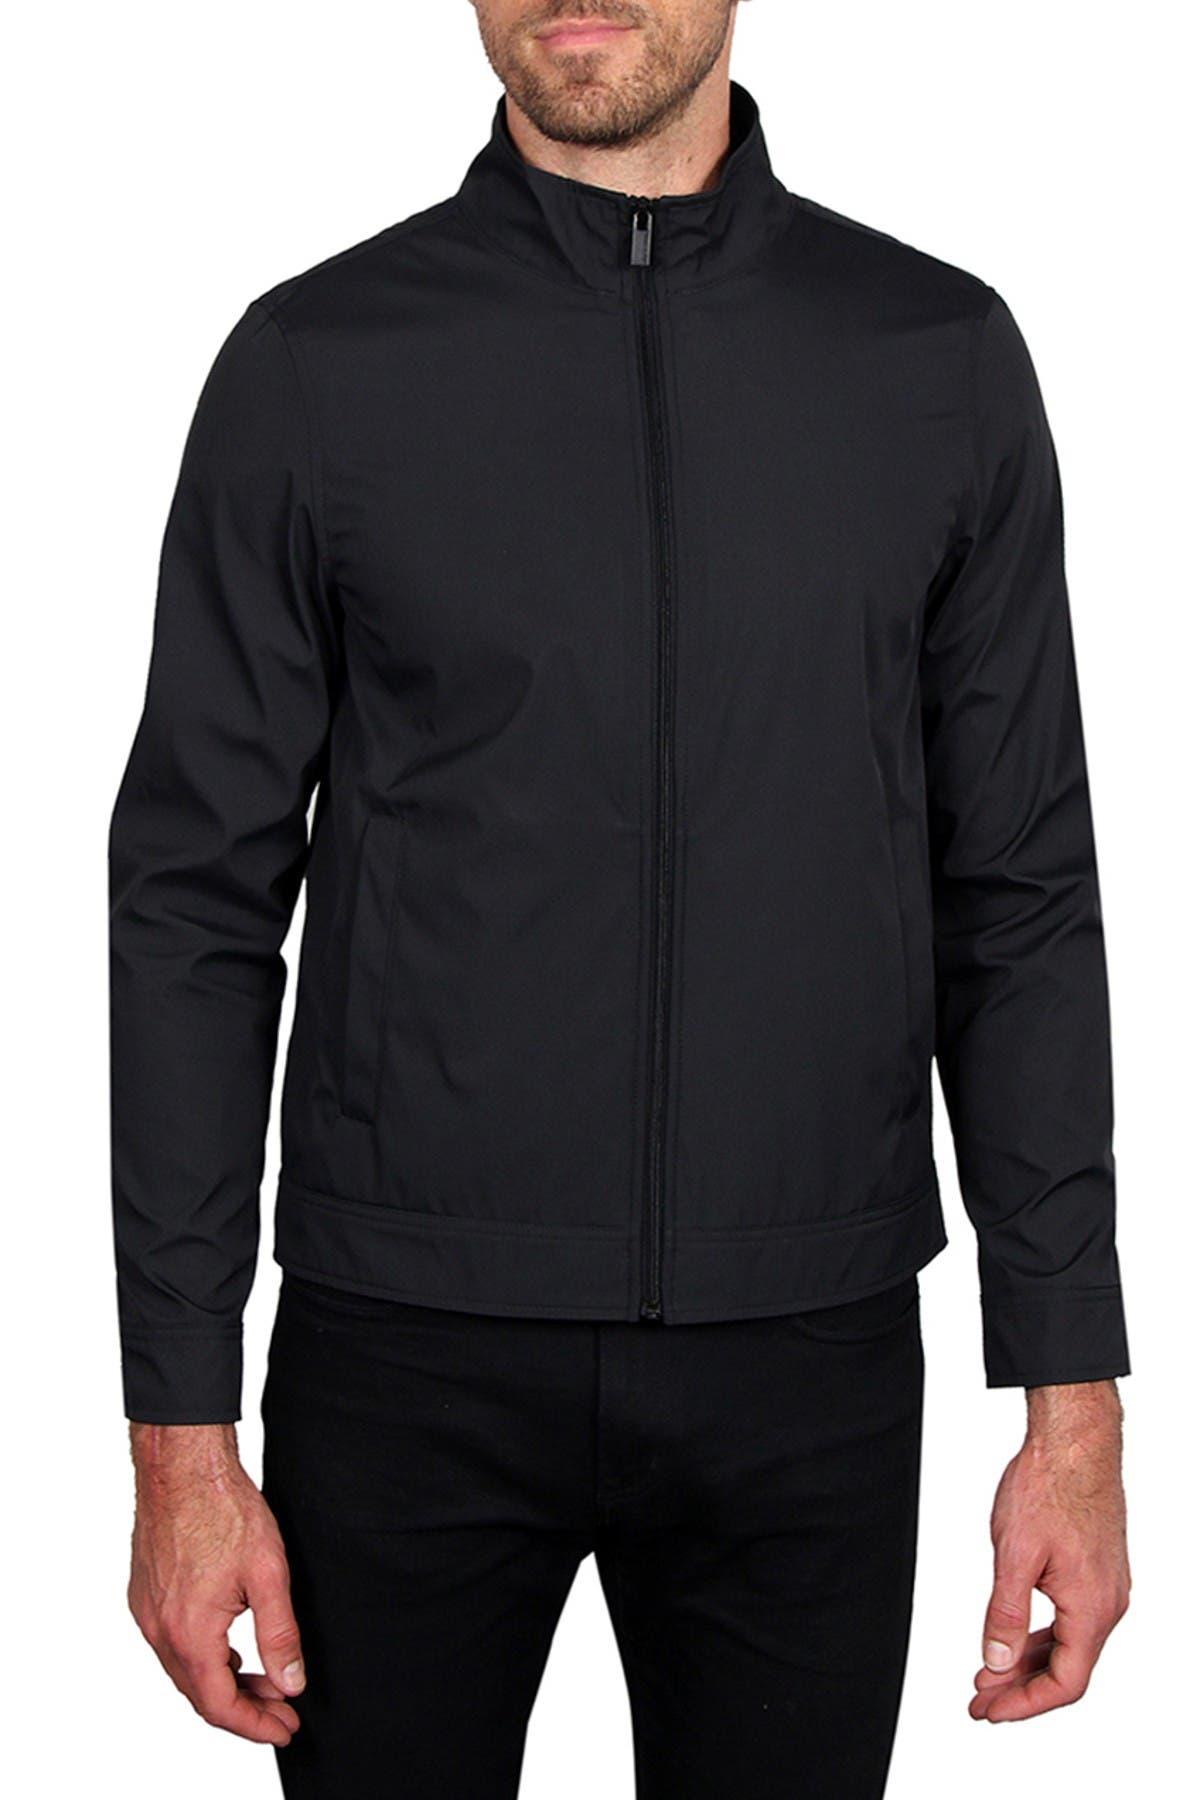 Image of HAGGAR 3-in-1 Golf Jacket